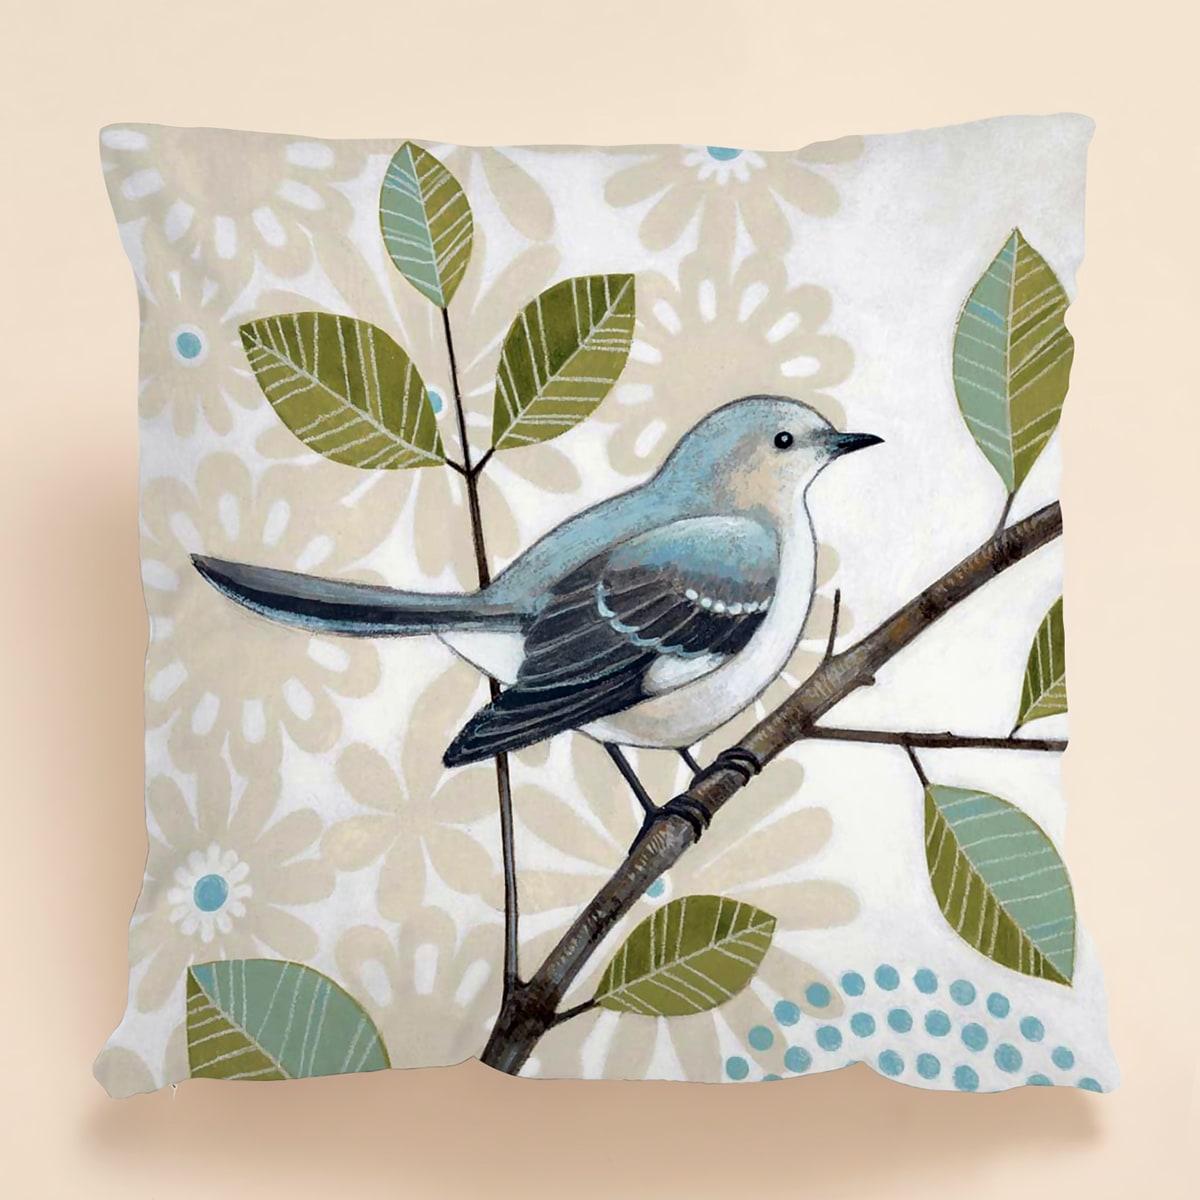 Kissenbezug mit Vogel Muster ohne Fülle